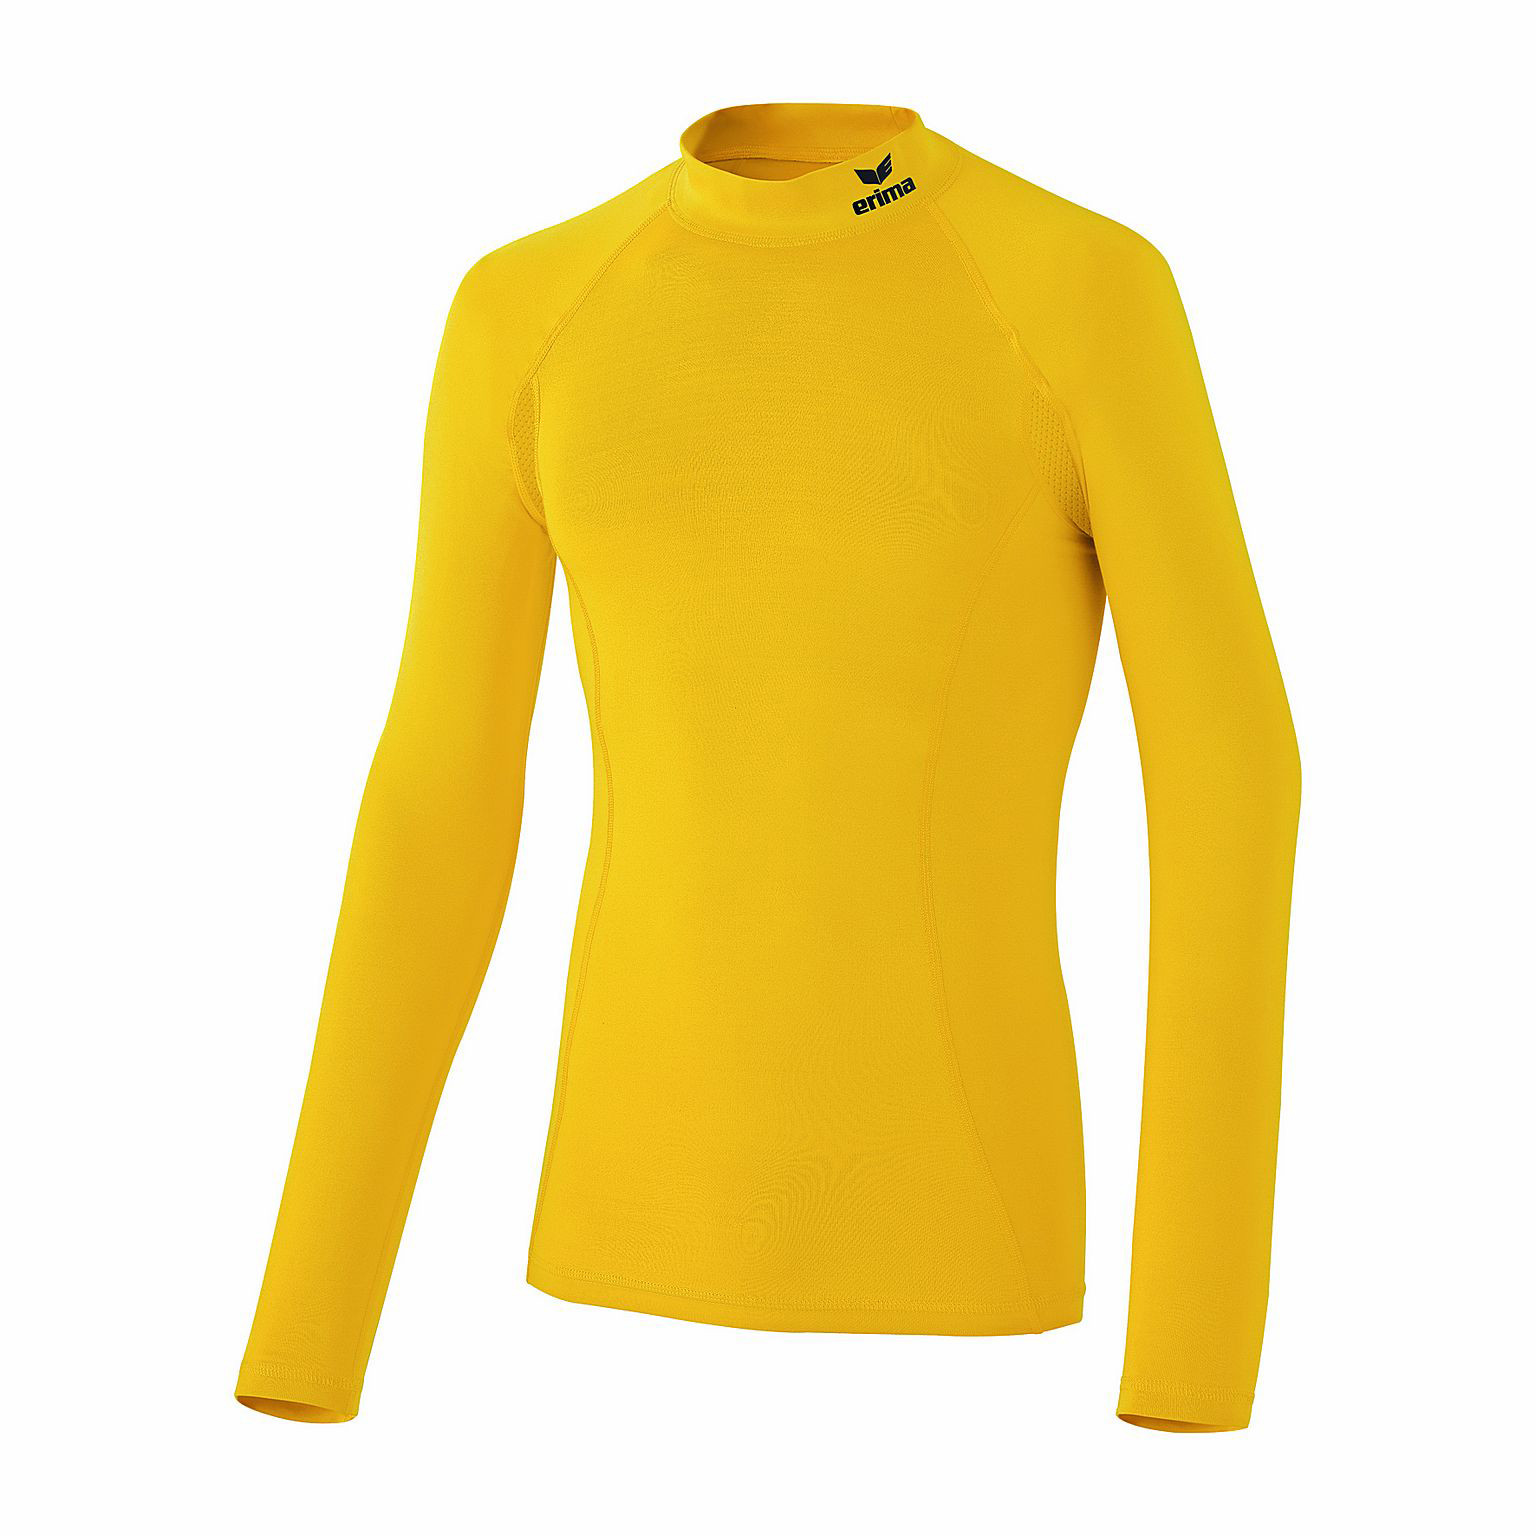 Herren Shirt Support Longsleeve, yellow, L